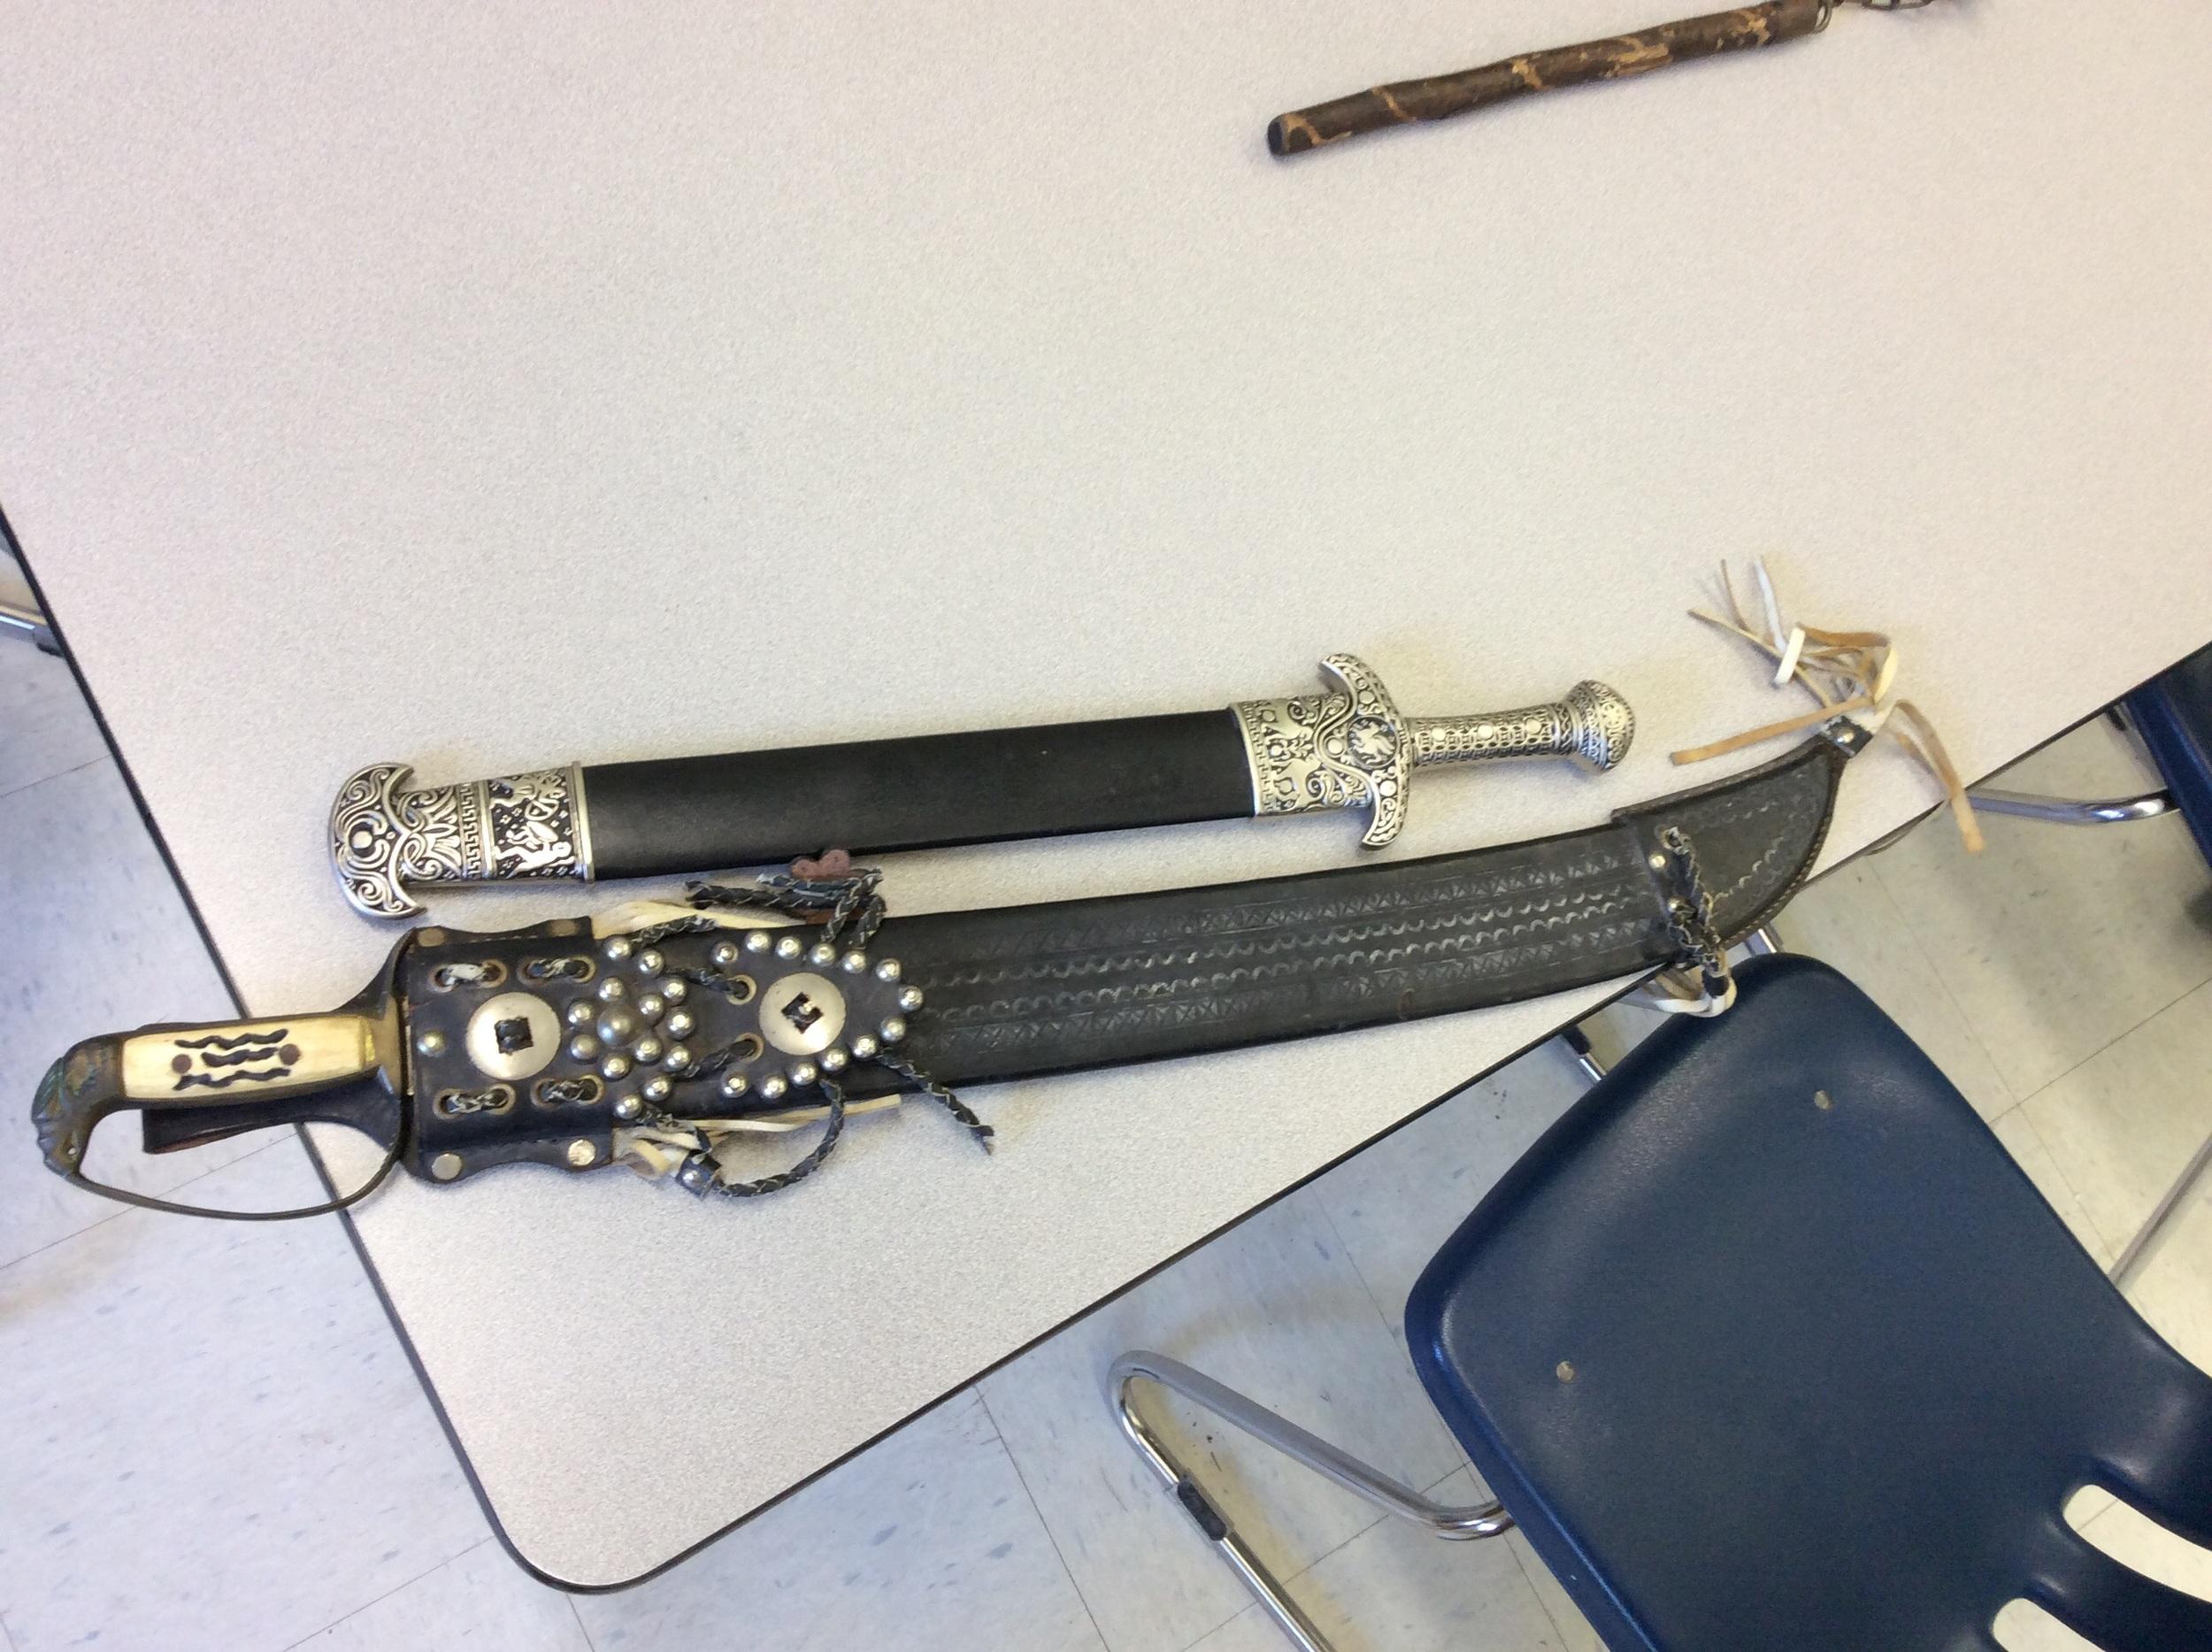 Swords in cases